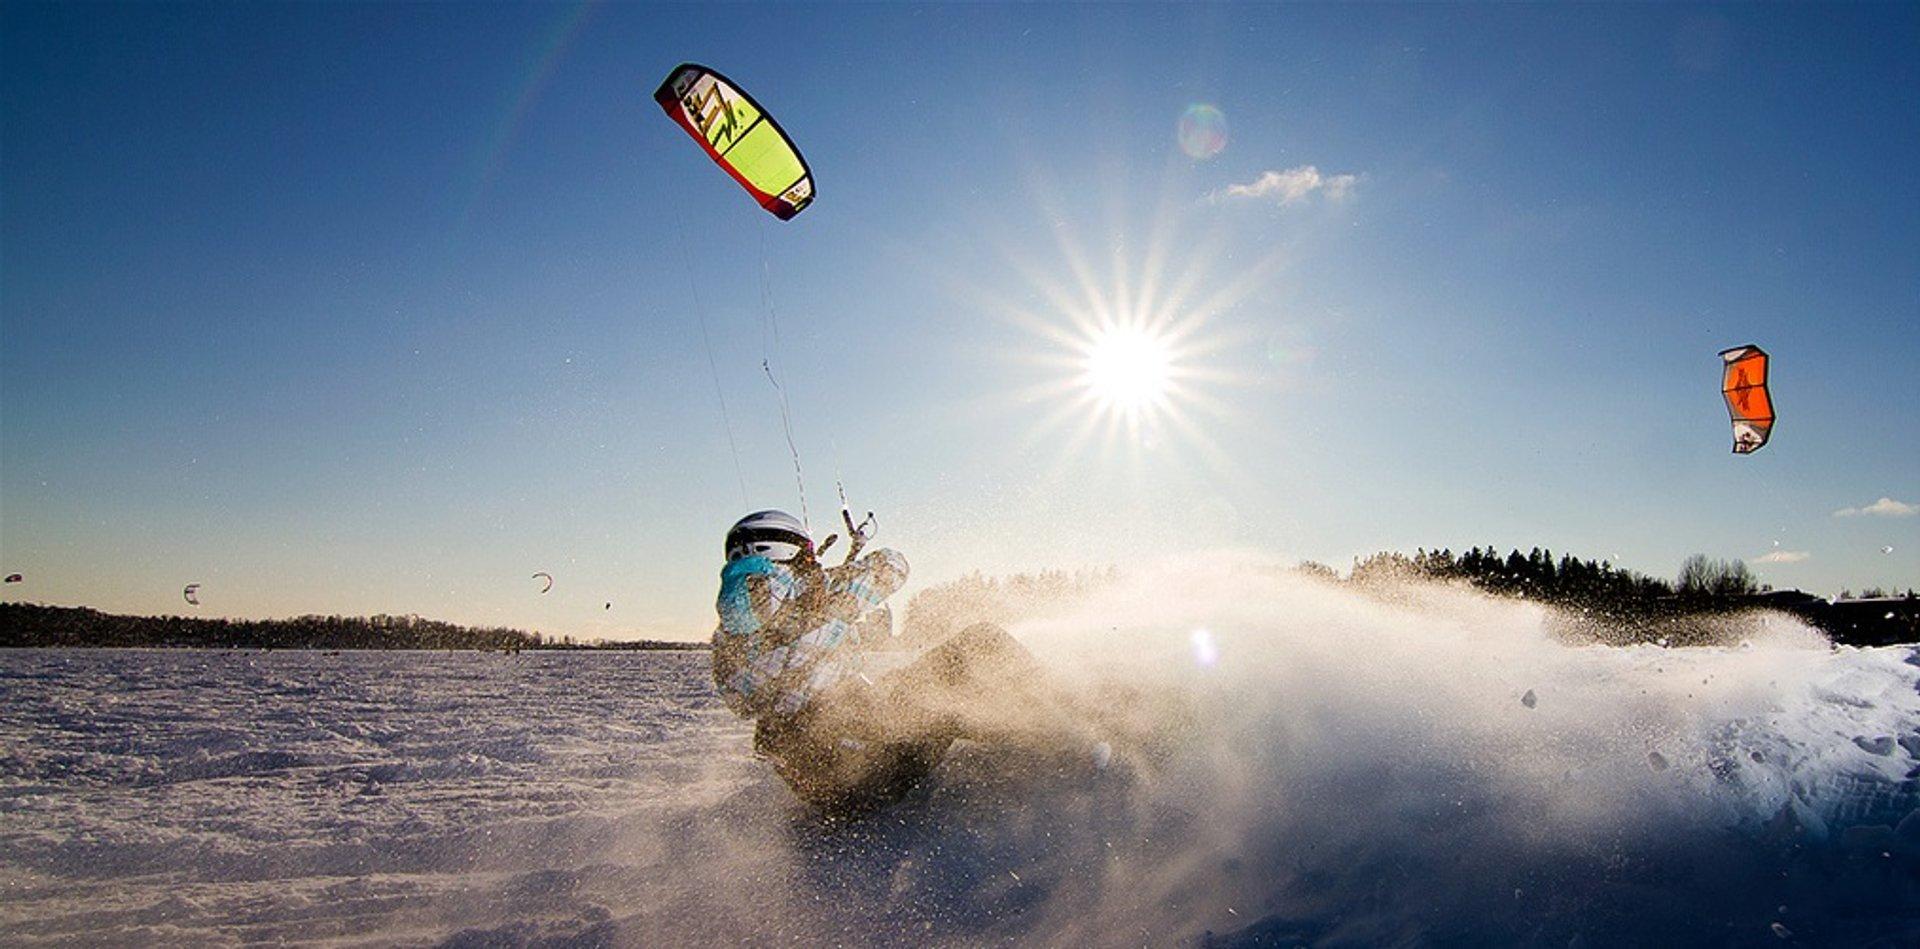 Snowkiting (Kiteskiing) in Finland 2019 - Best Time